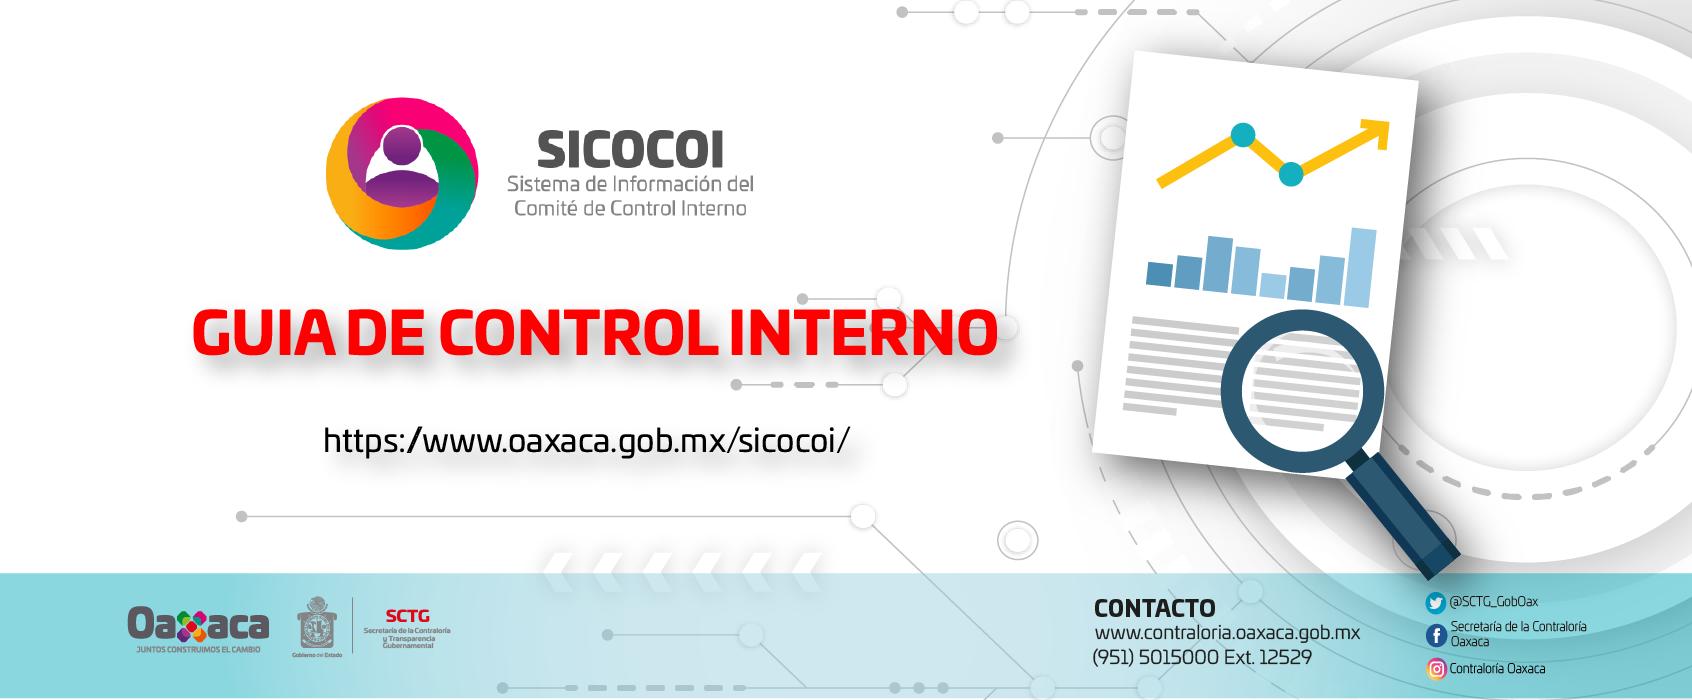 Guía de Control Interno 2019